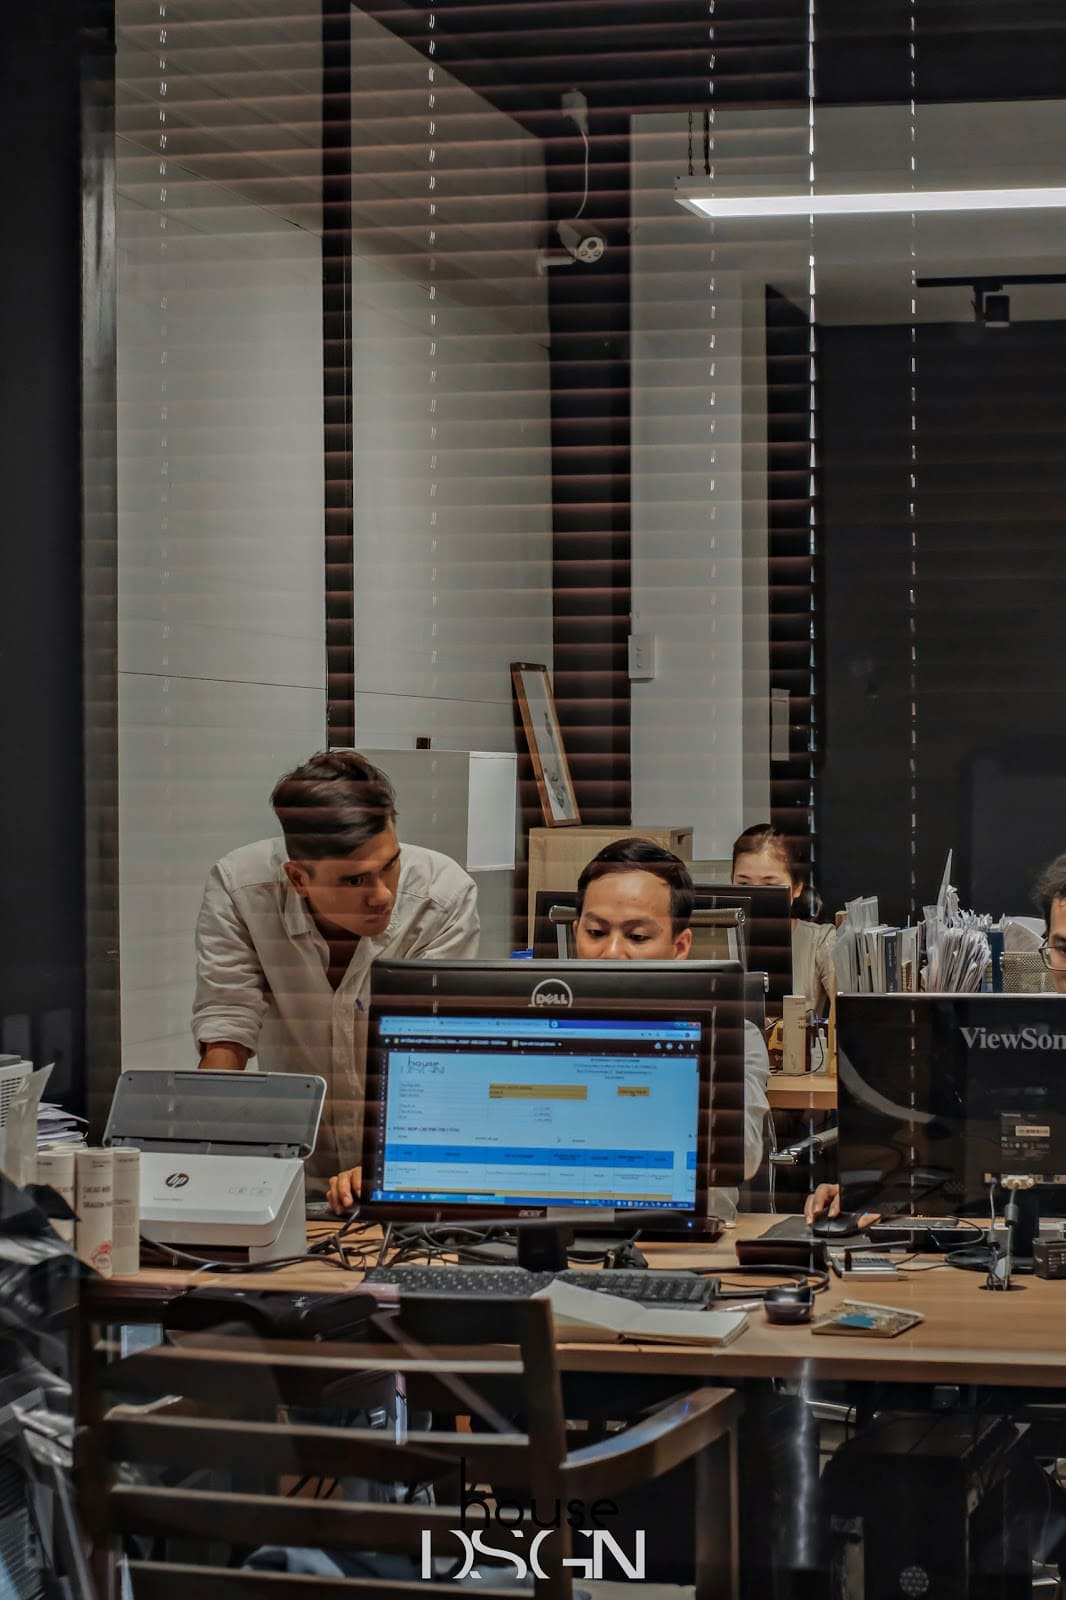 tư vấn thiết kế và thi công nội thất văn phòng tại Housedesign